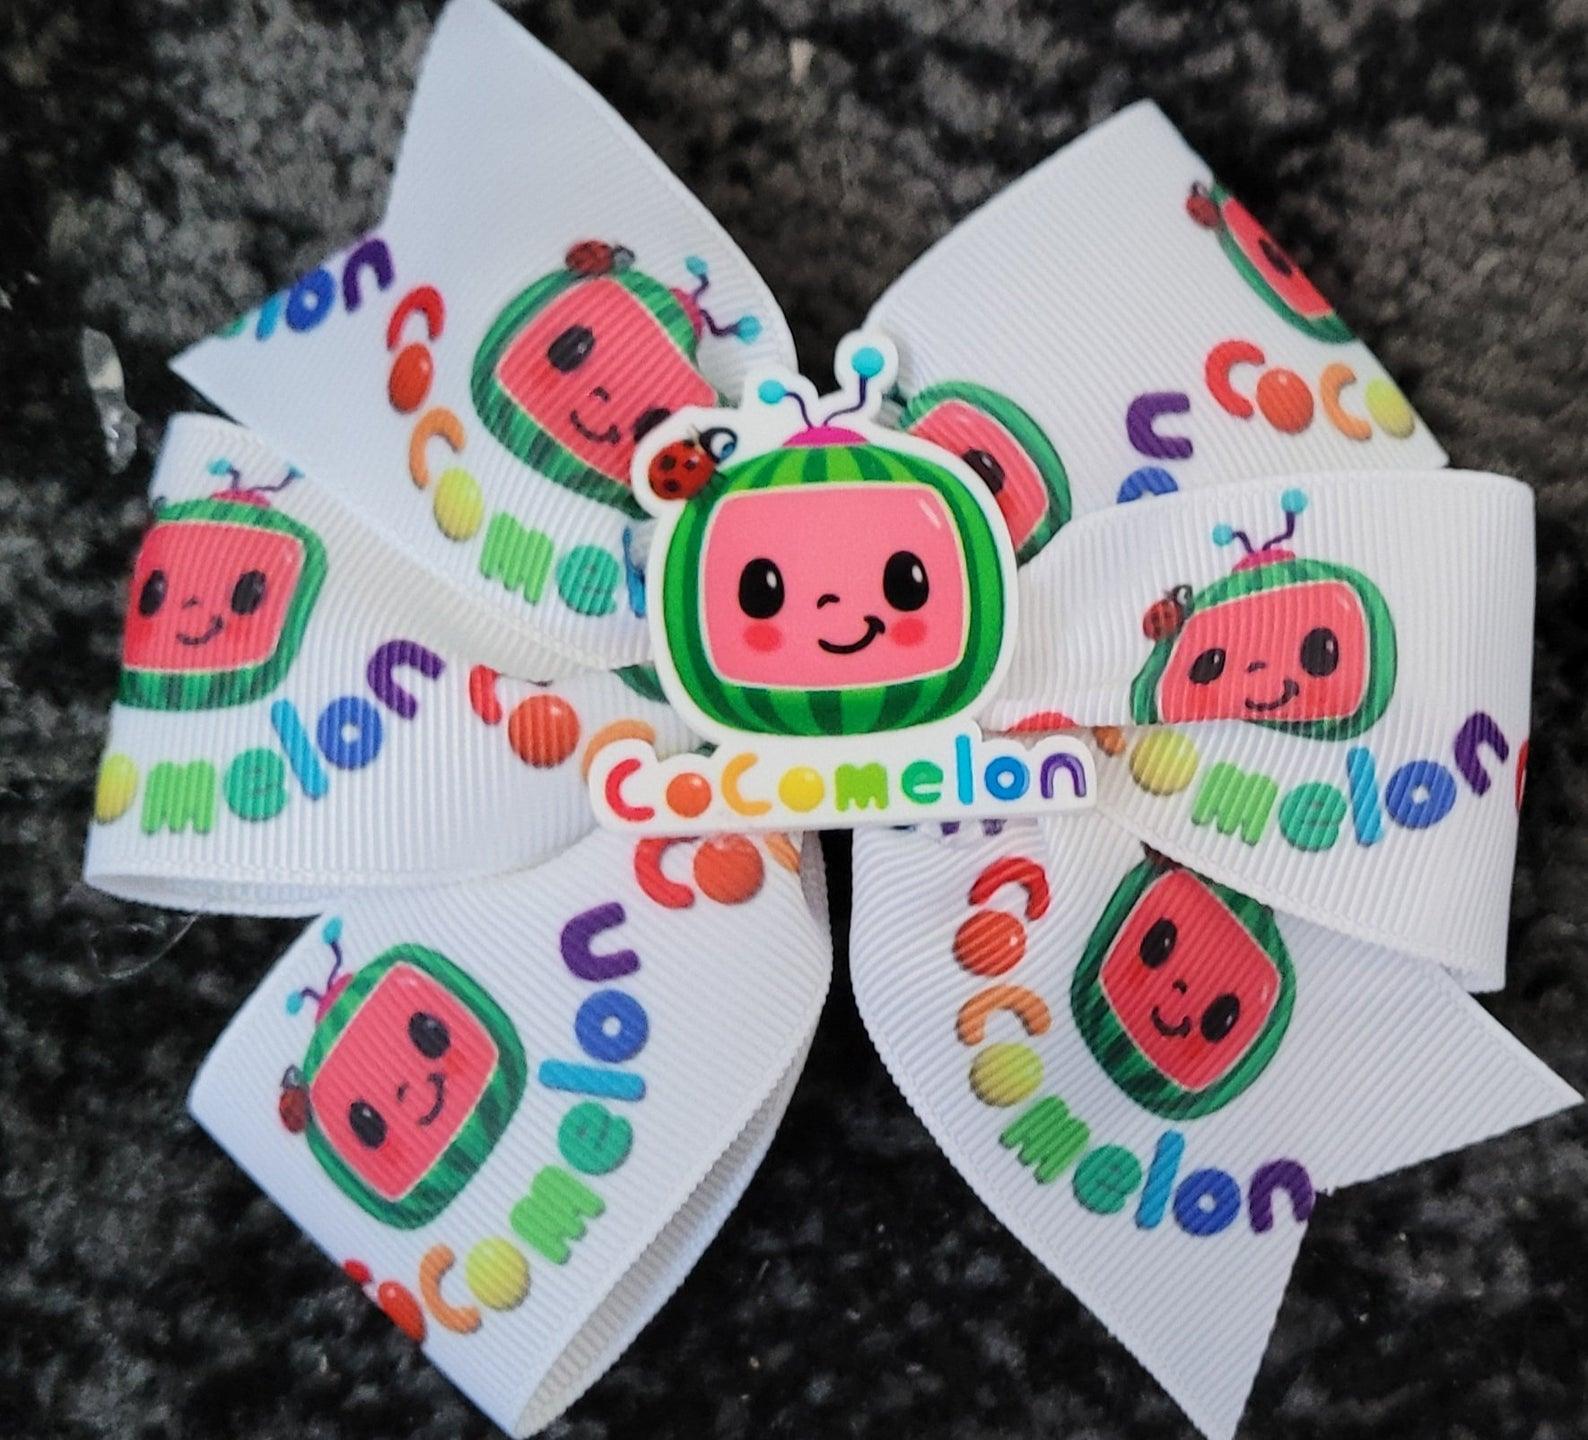 Cocomelon bow